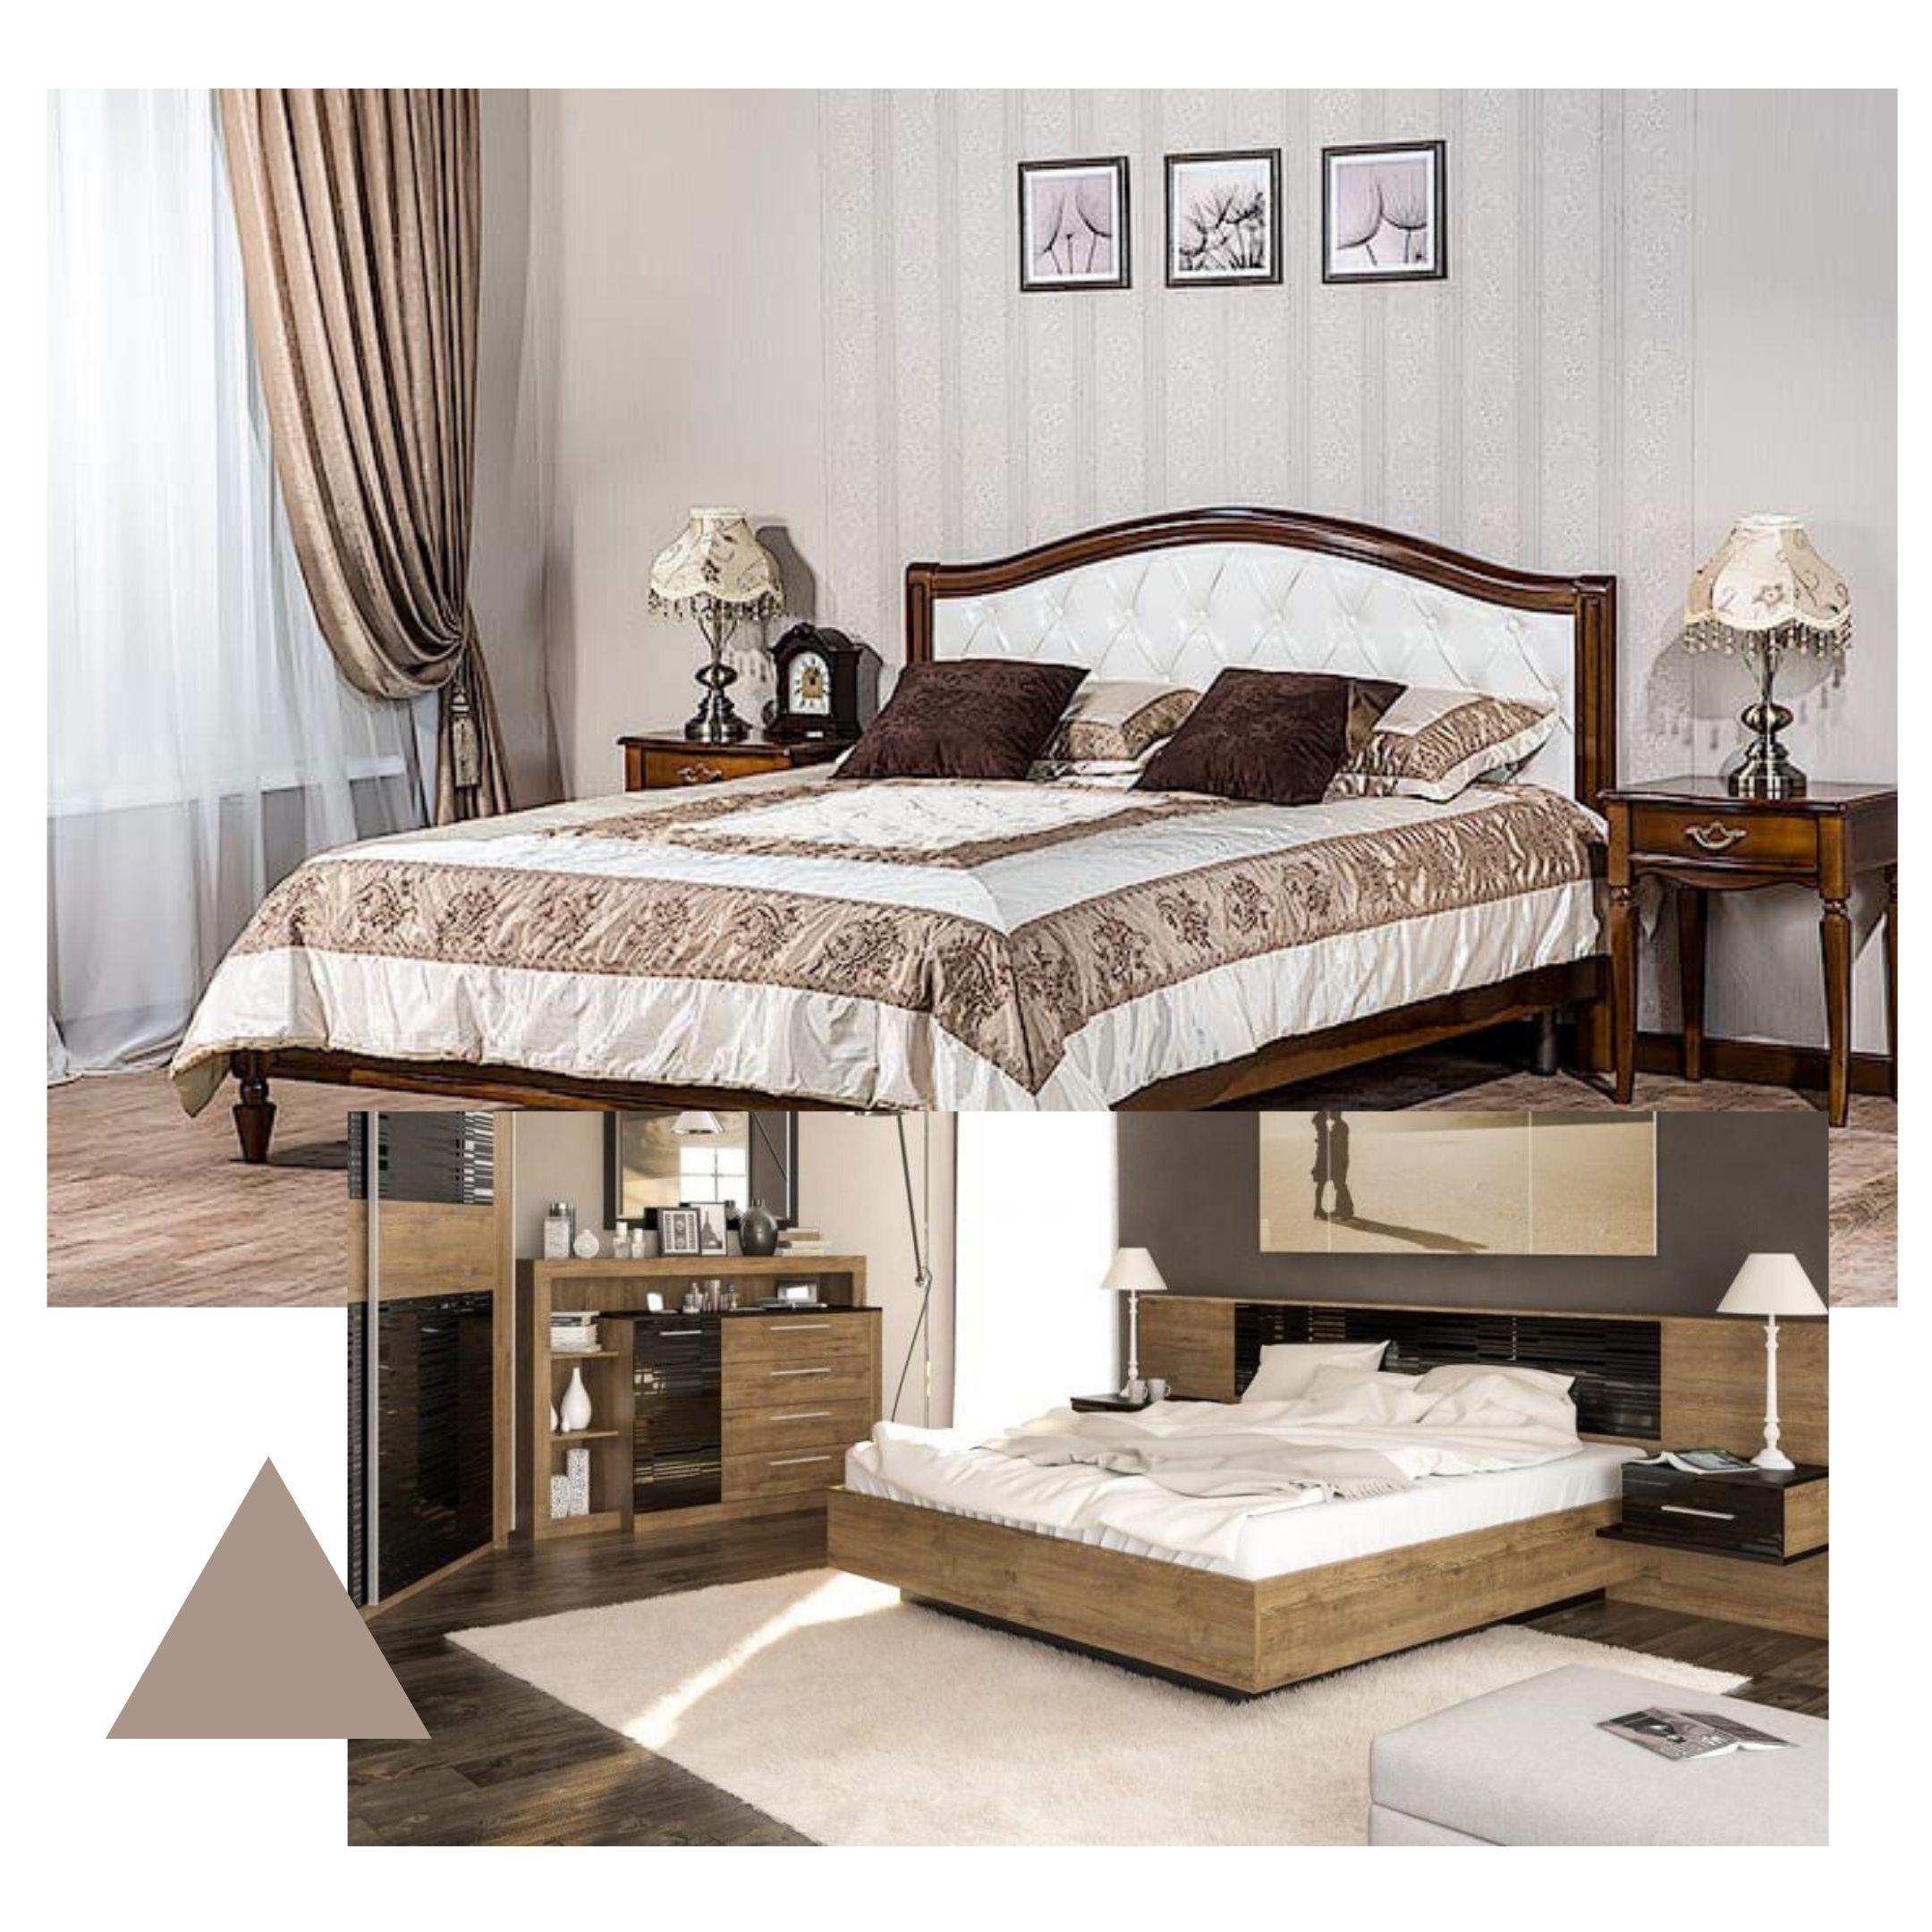 Спальный гарнитур Арт-мебель